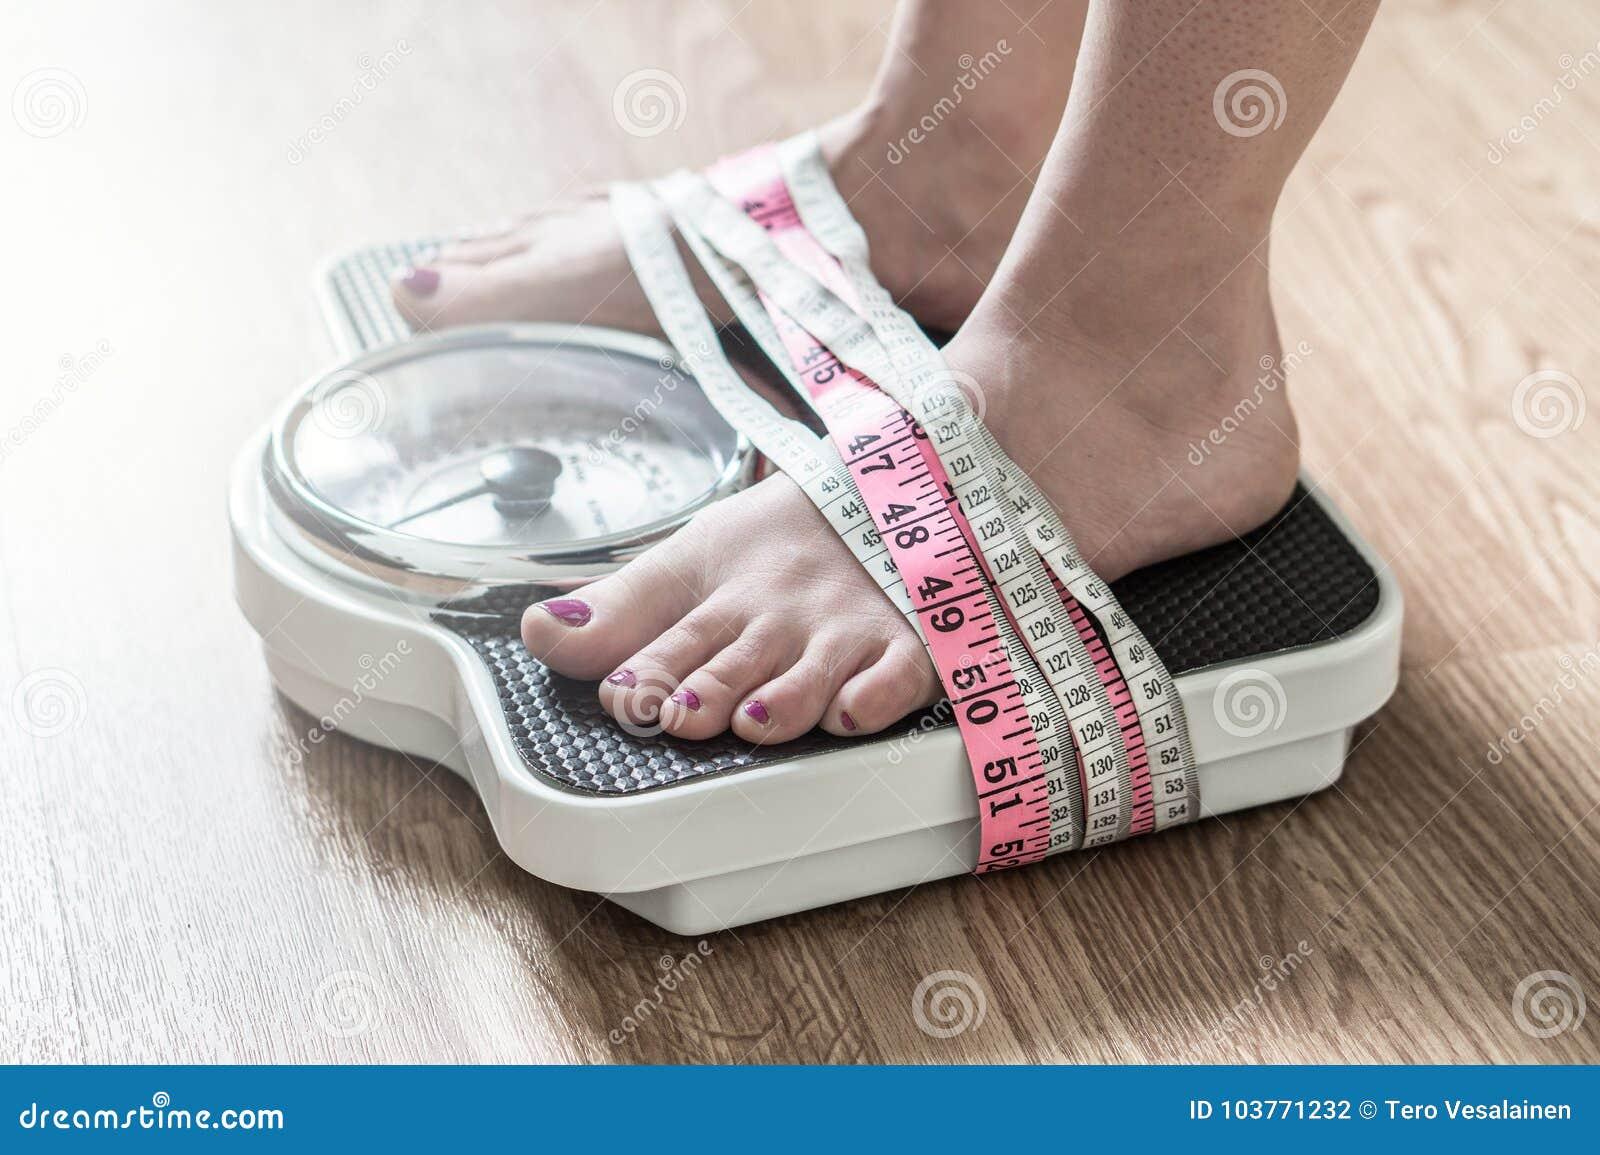 厌食和饮食失调概念